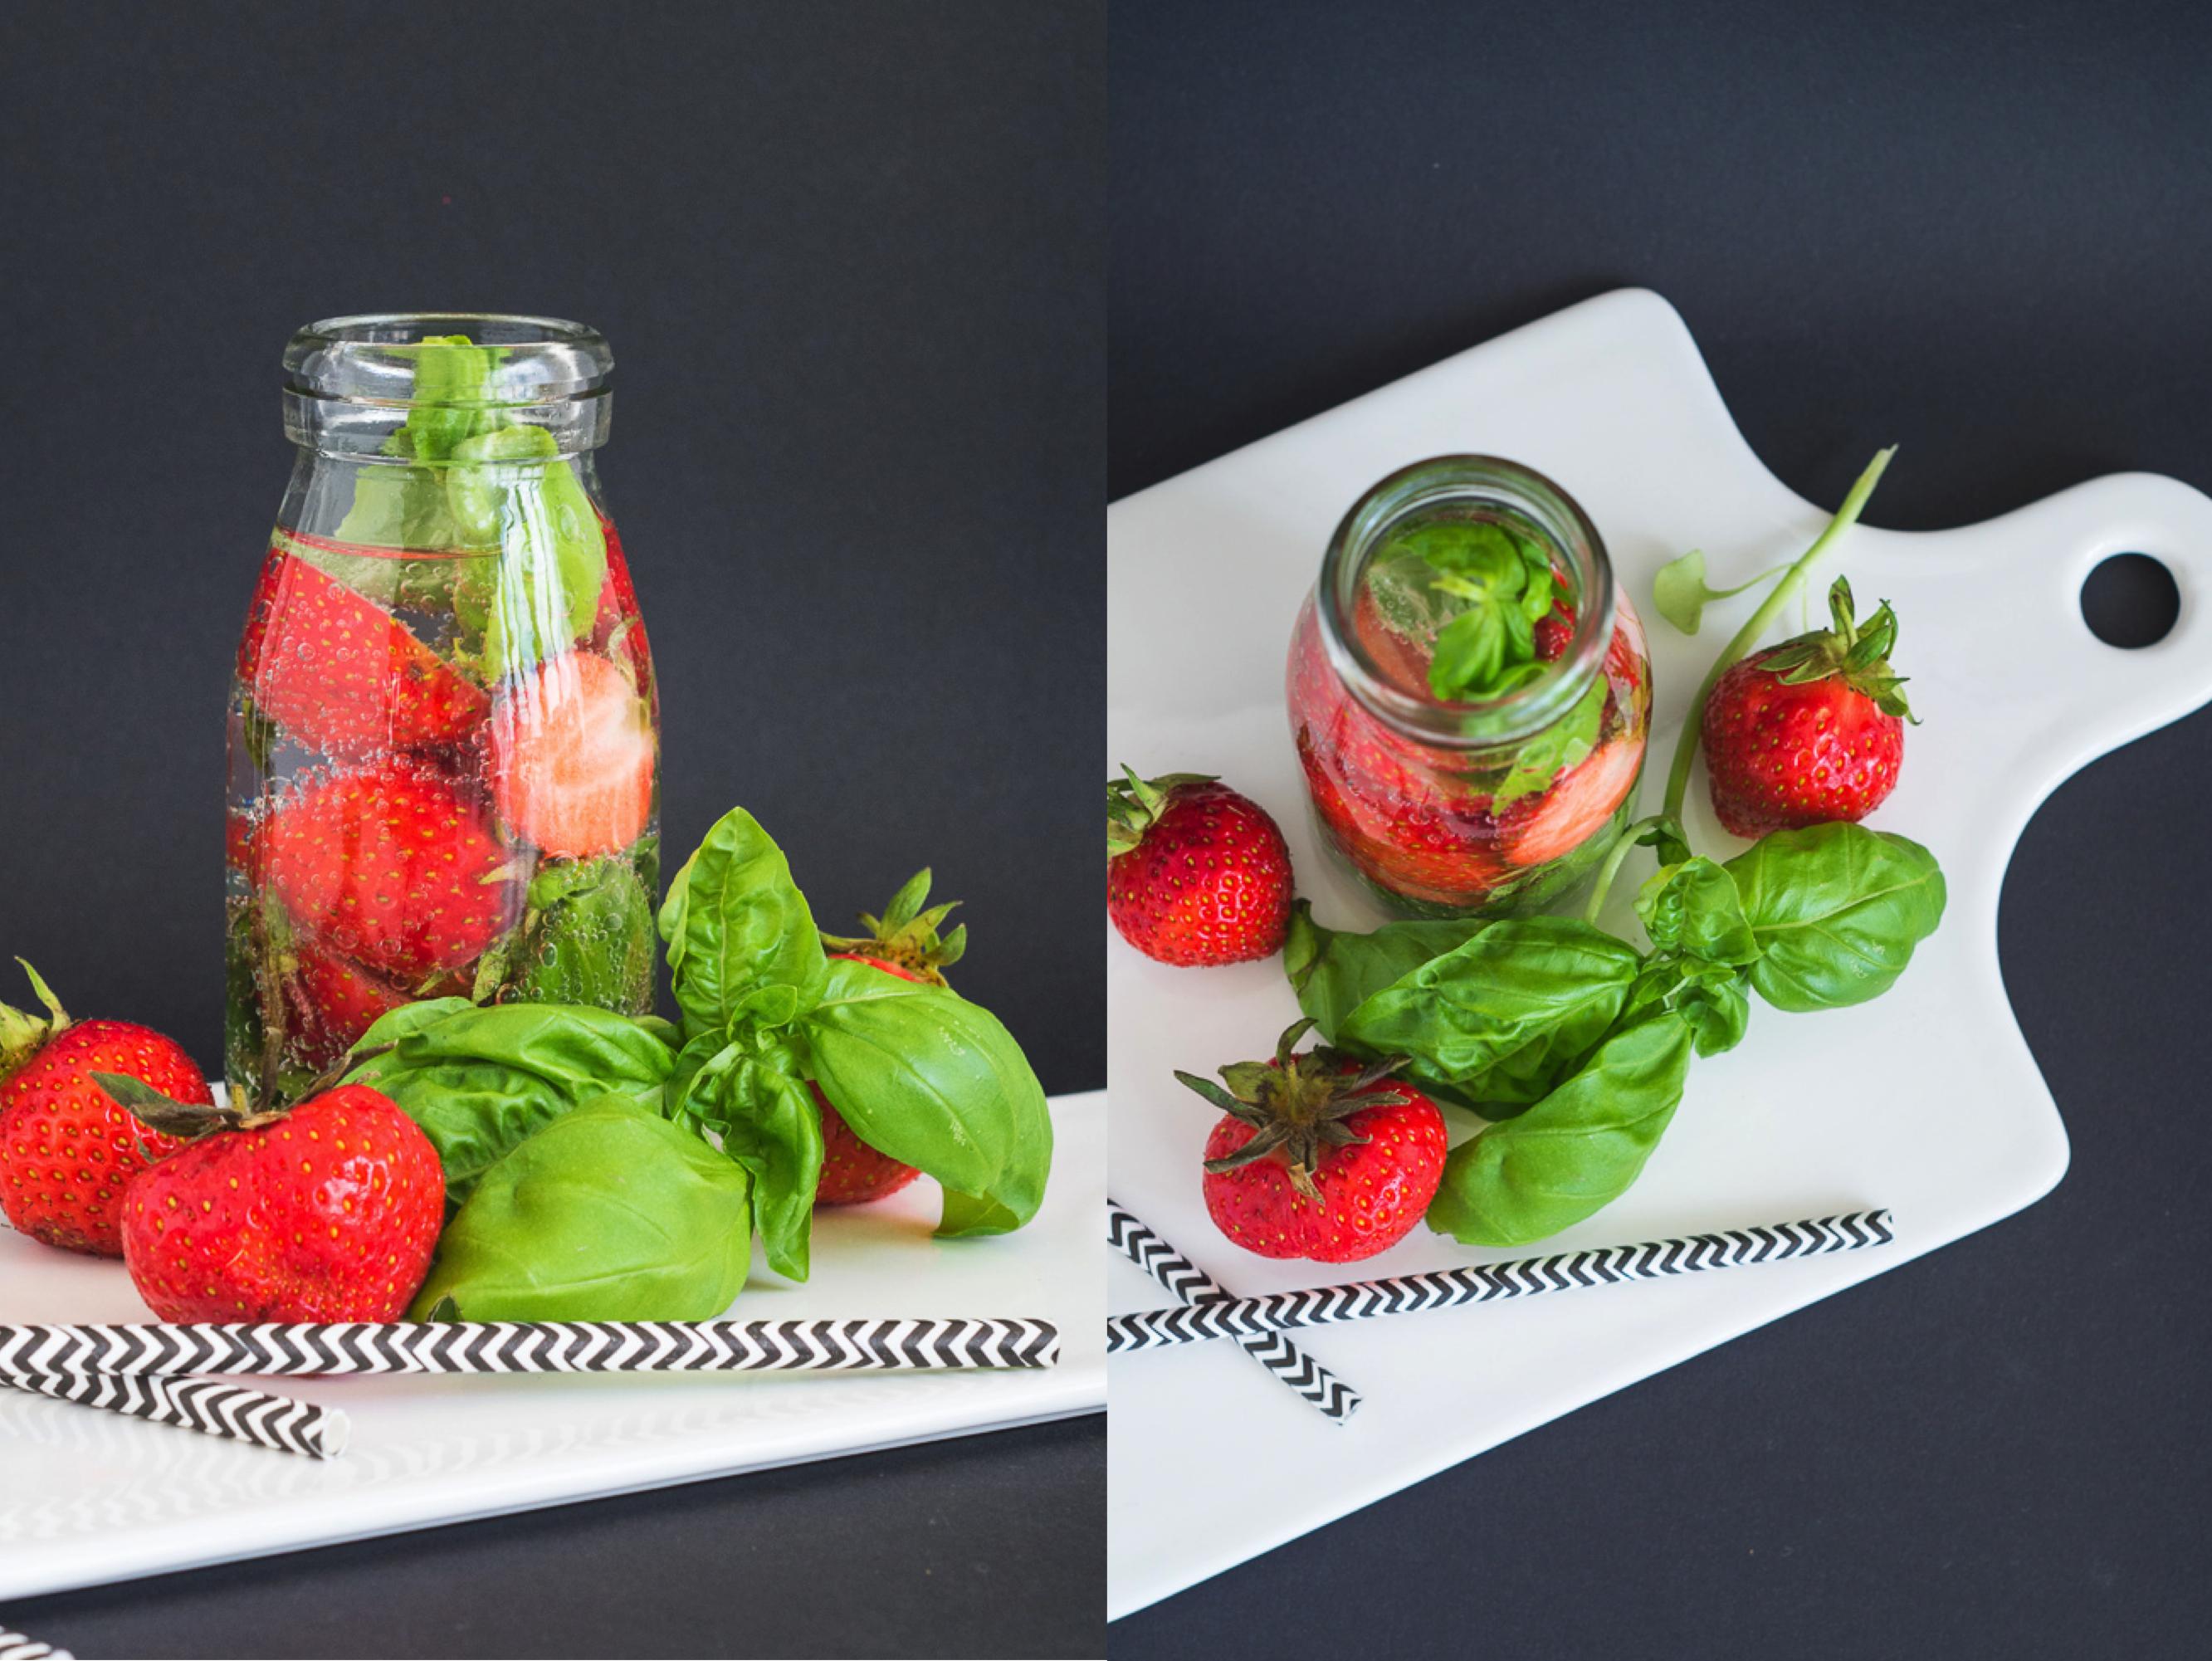 Wasser, Wasser, Wasser - Drei infused water Rezepte mit Früchten und Kräutern_VIII